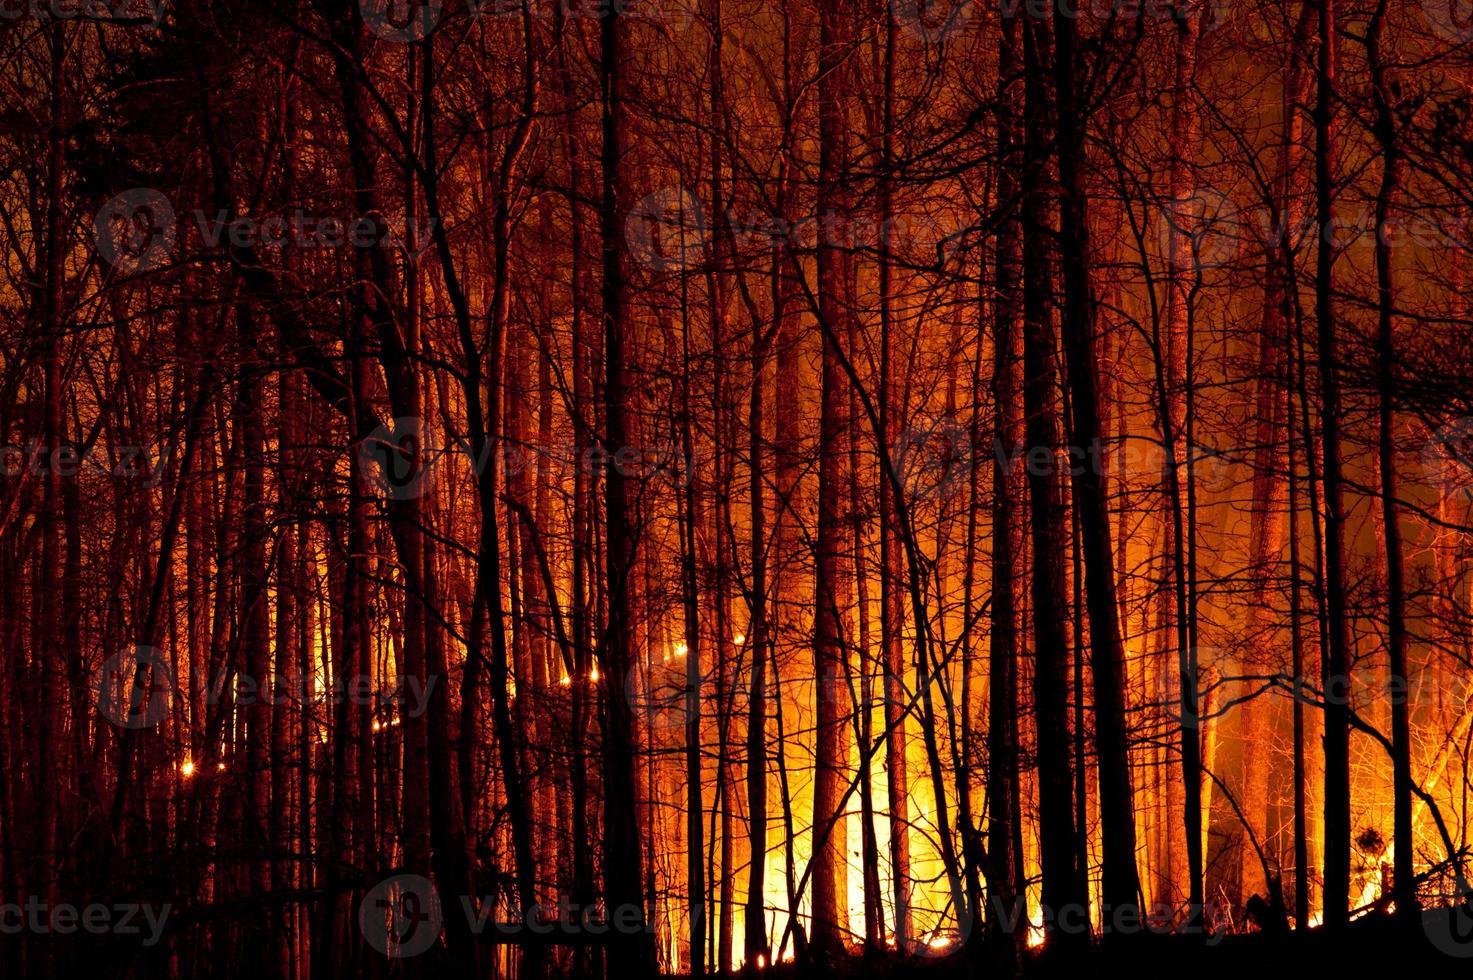 feu de forêt à combustion lente la nuit. photo